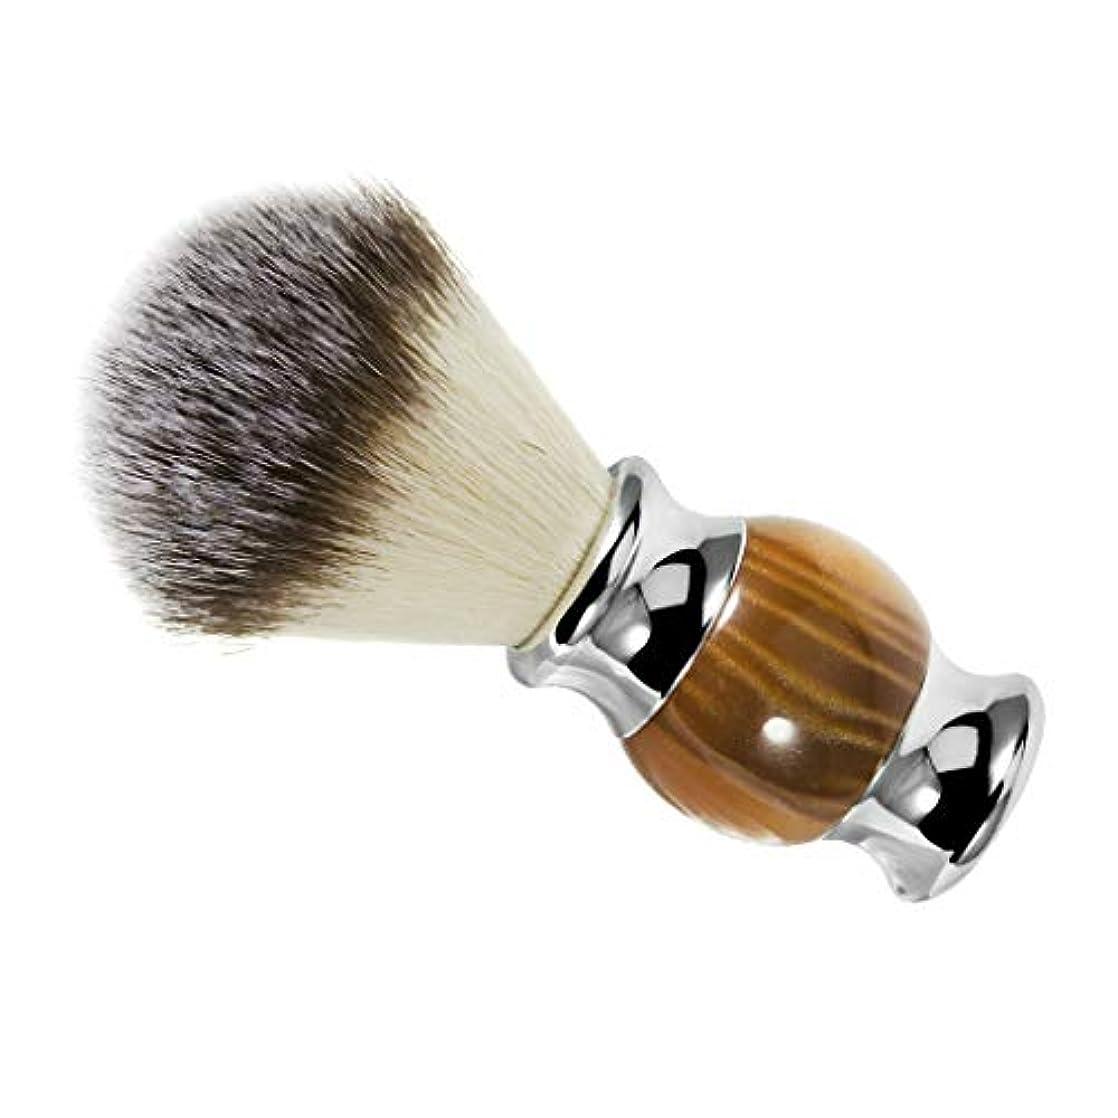 ぼんやりしたダーベビルのテス分解するシェービングブラシ メンズ ひげ剃りブラシ ひげ剃り 髭剃り 父の日ギフト サロンツール